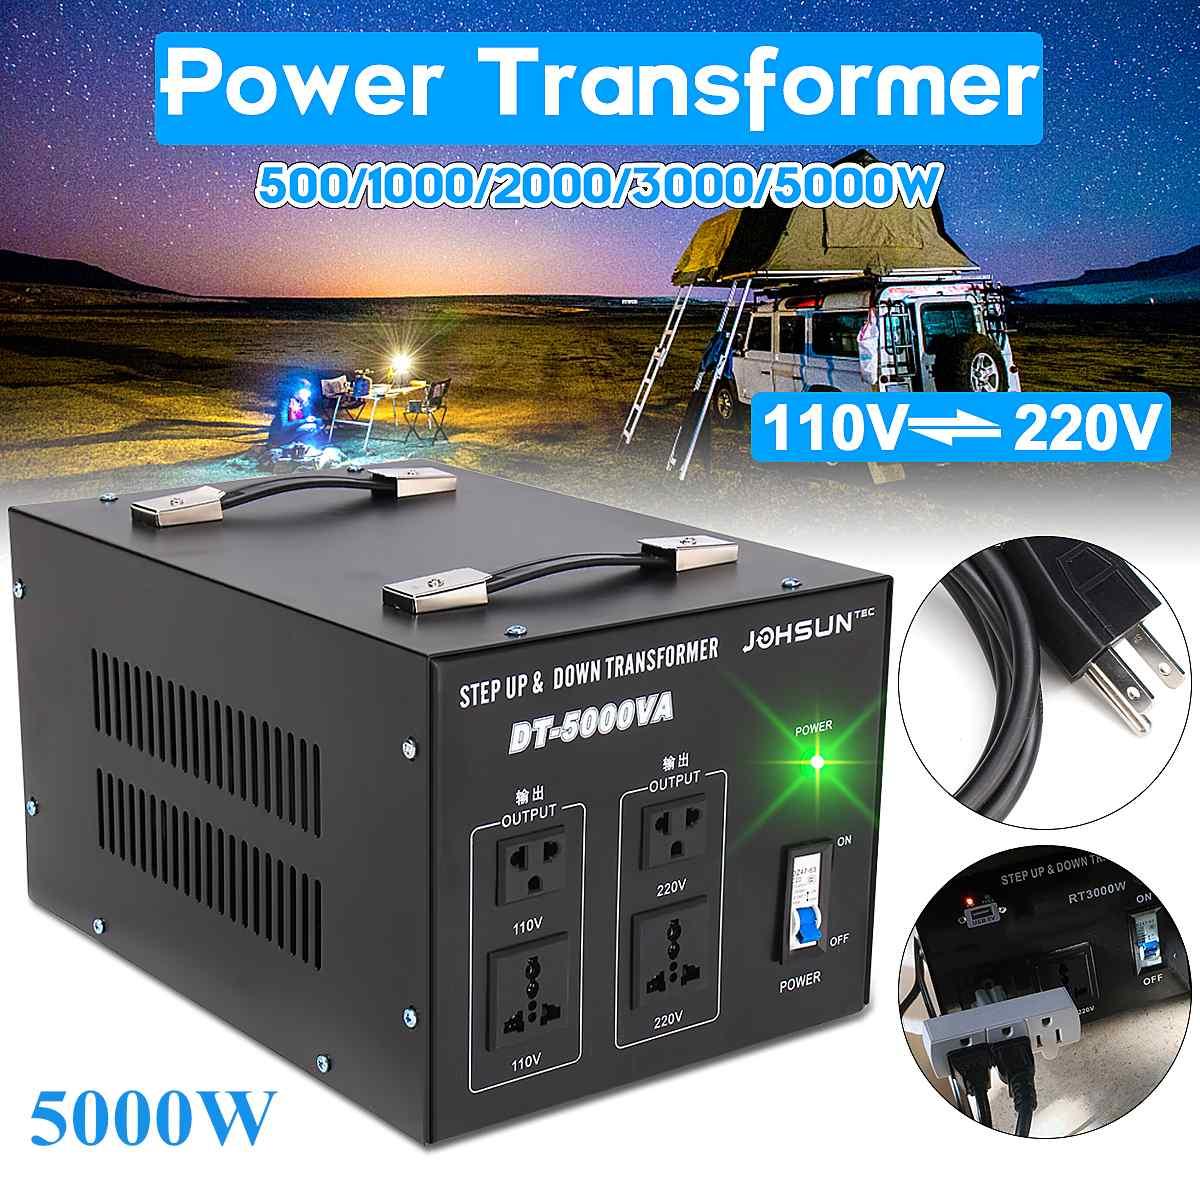 500/1000/2000/3000/5000W convertisseur de tension robuste transformateur de puissance 220V auf 110V convertisseur